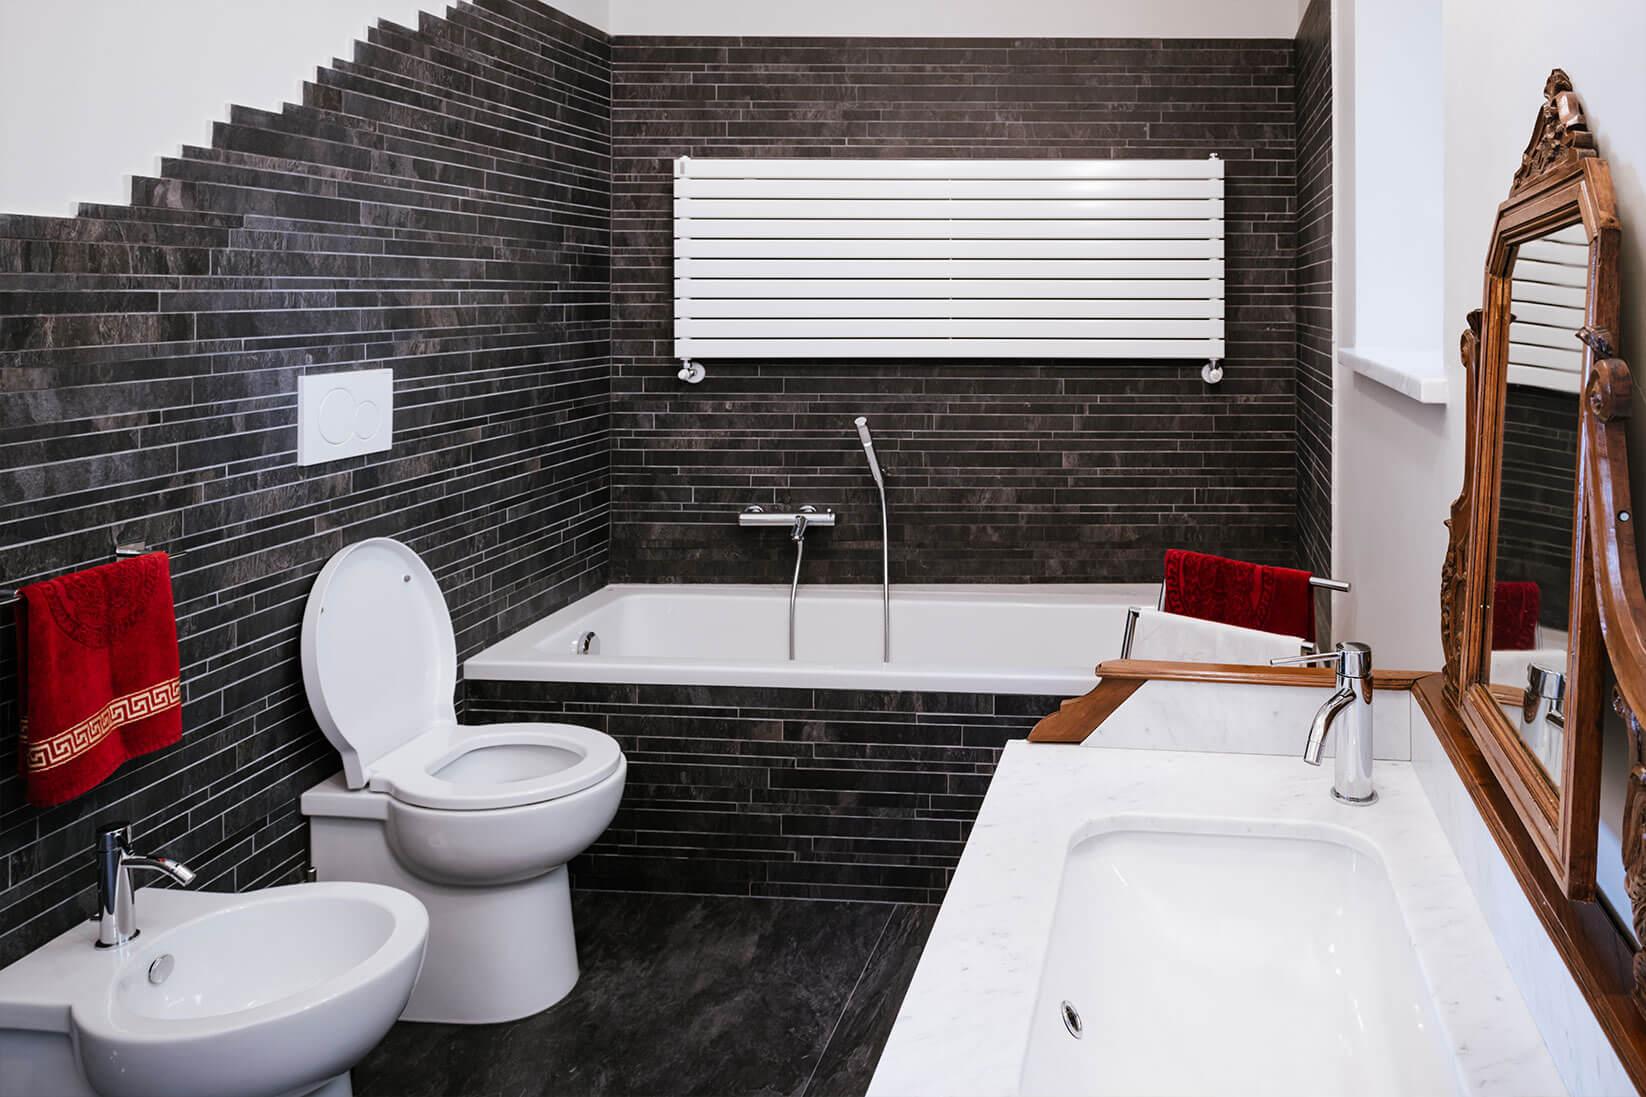 Progetti Di Ristrutturazione Bagno quanto costa ristrutturare il bagno di casa? - idea ristruttura